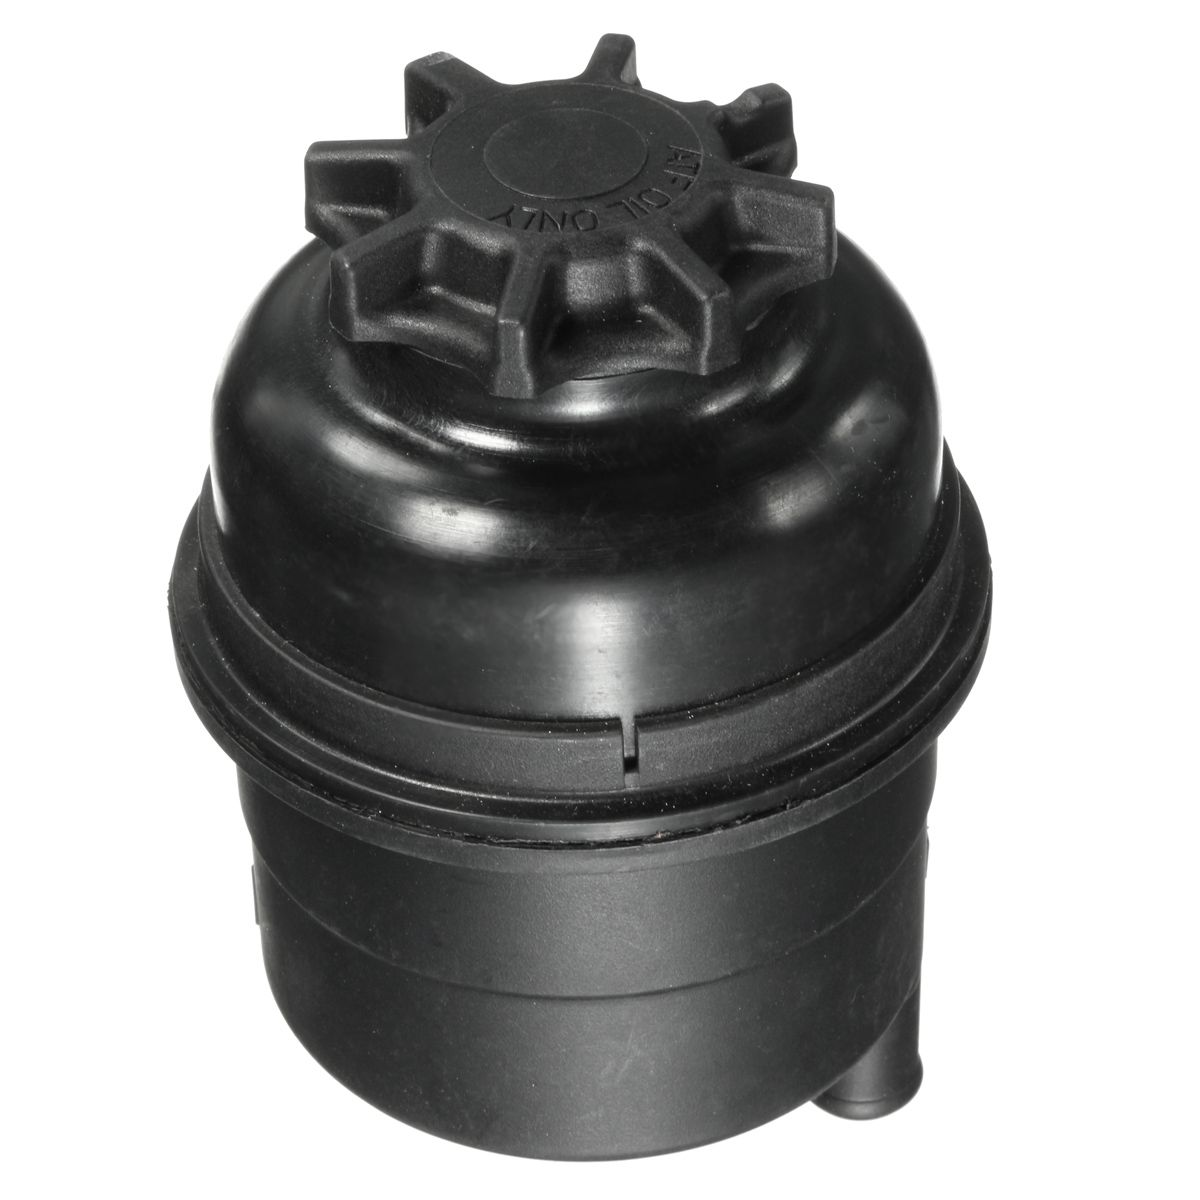 32411124680 Power Steering Fluid Reservoir Bottle Cap For BMW E38 E39 E46 E60 E63 X3 X5 Z332411124680 Power Steering Fluid Reservoir Bottle Cap For BMW E38 E39 E46 E60 E63 X3 X5 Z3